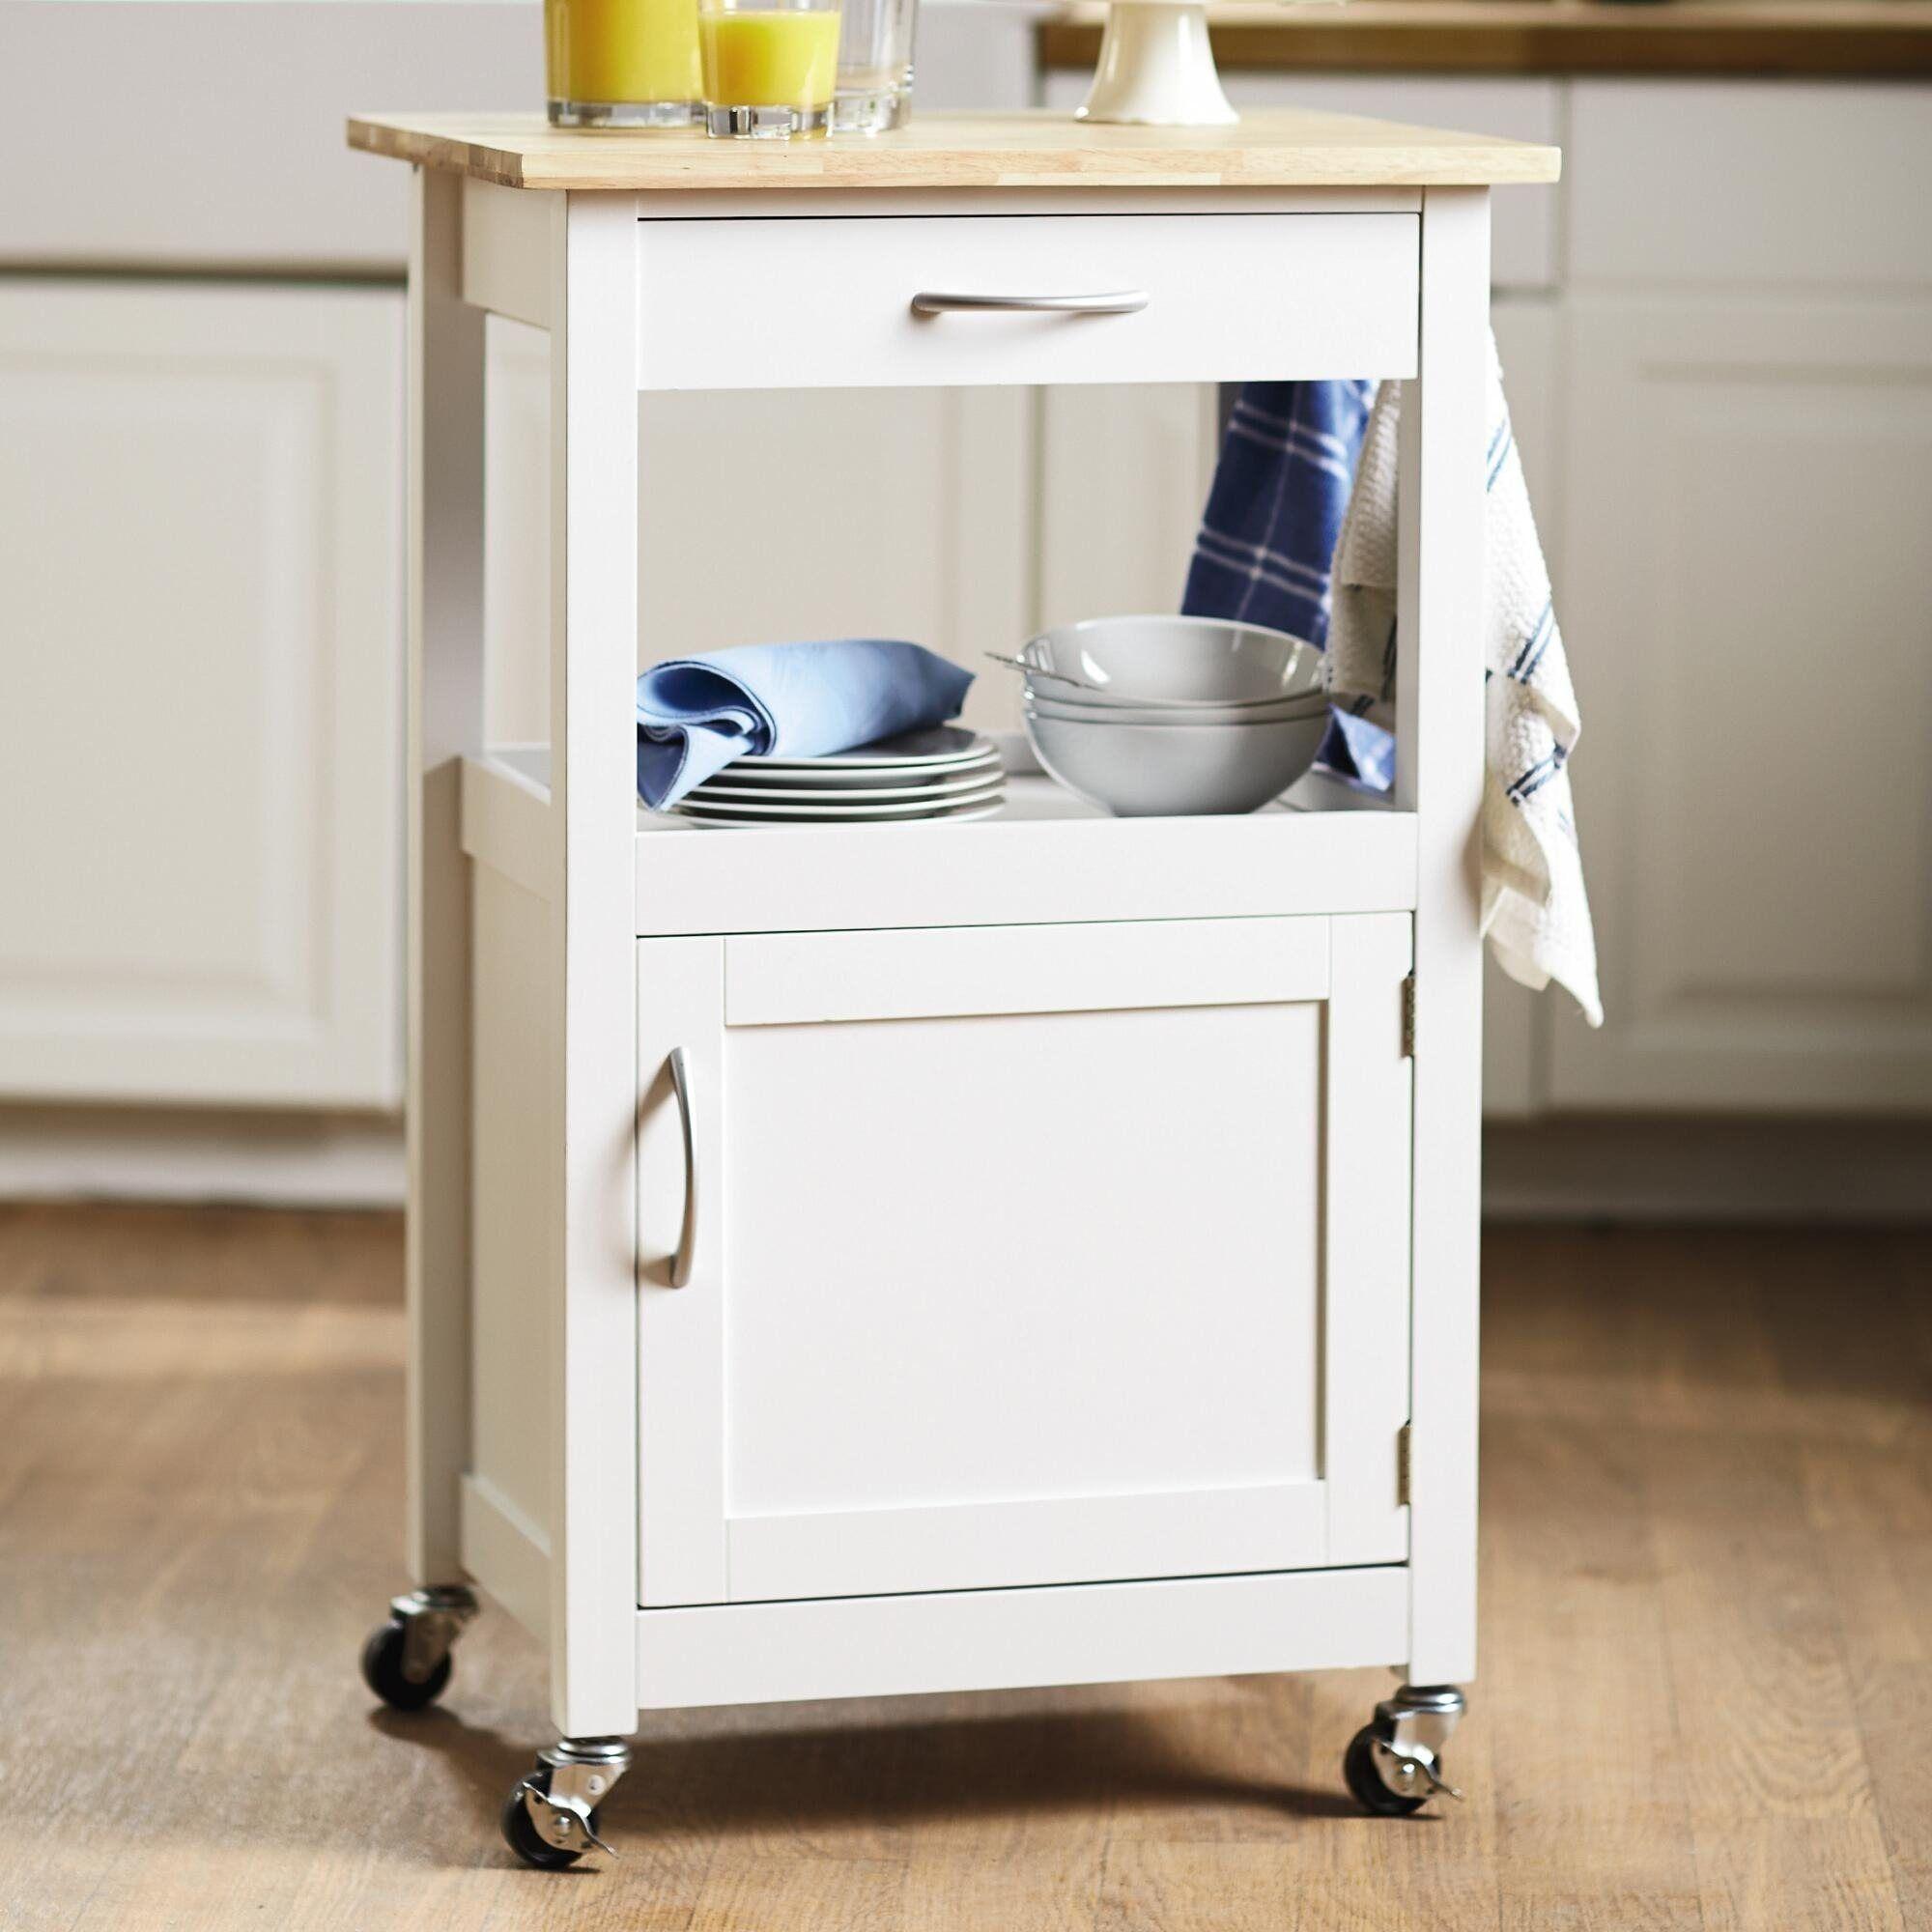 kitchen cabinet  kitchen storage cabinet on wheels kitchen & kitchen cabinet : kitchen storage cabinet on wheels kitchen ...